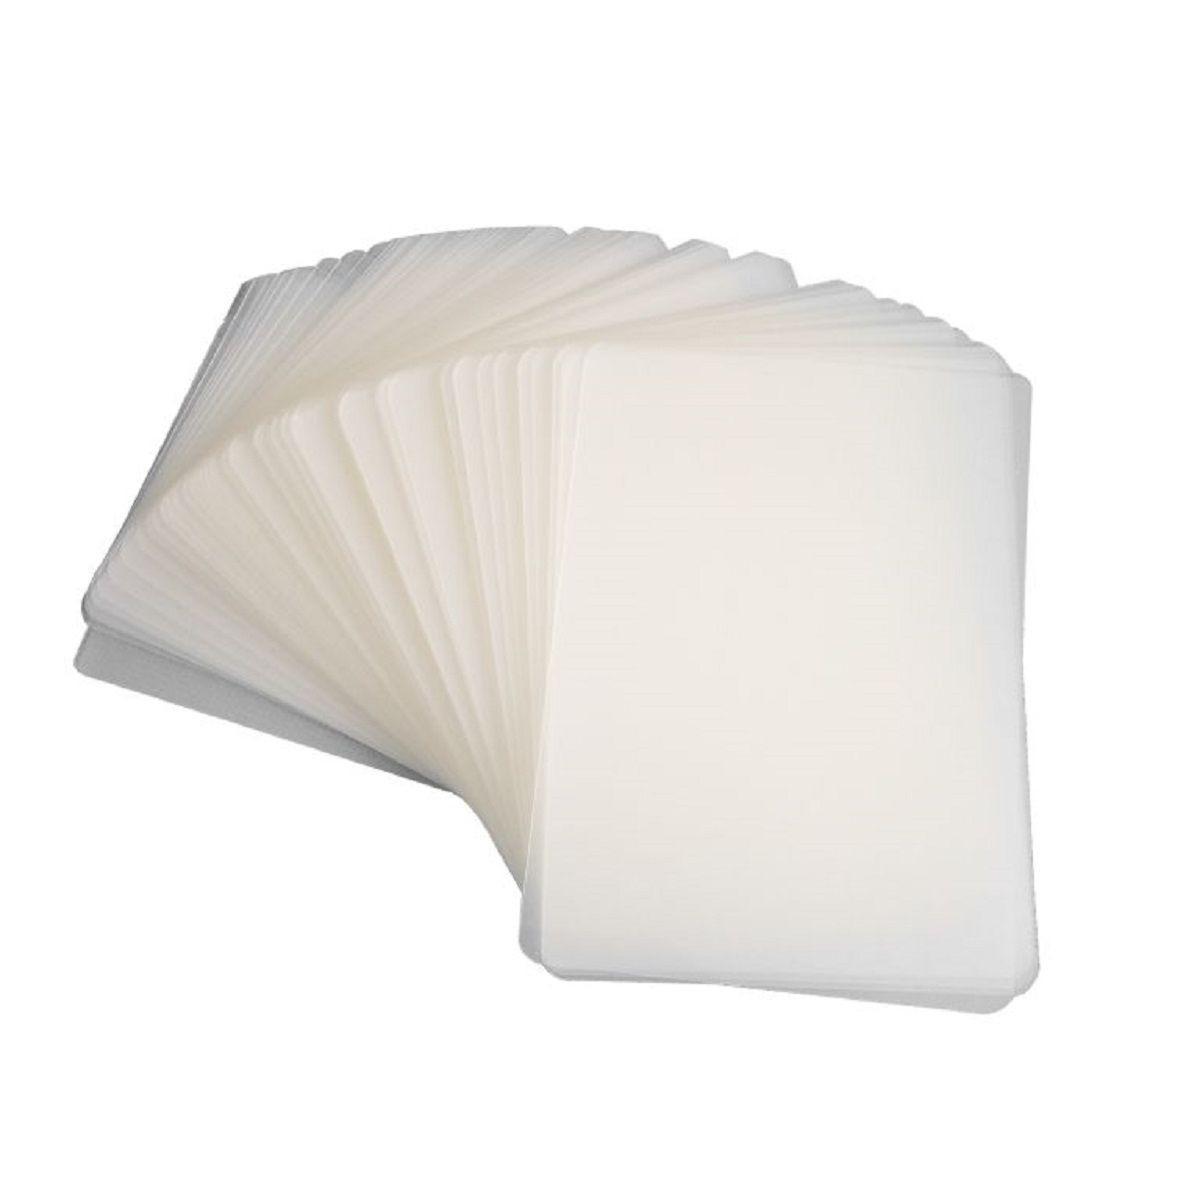 Polaseal para Plastificação Oficio 226x340x0,07mm (175 micras) - Pacote com 100 unidades  - Click Suprimentos